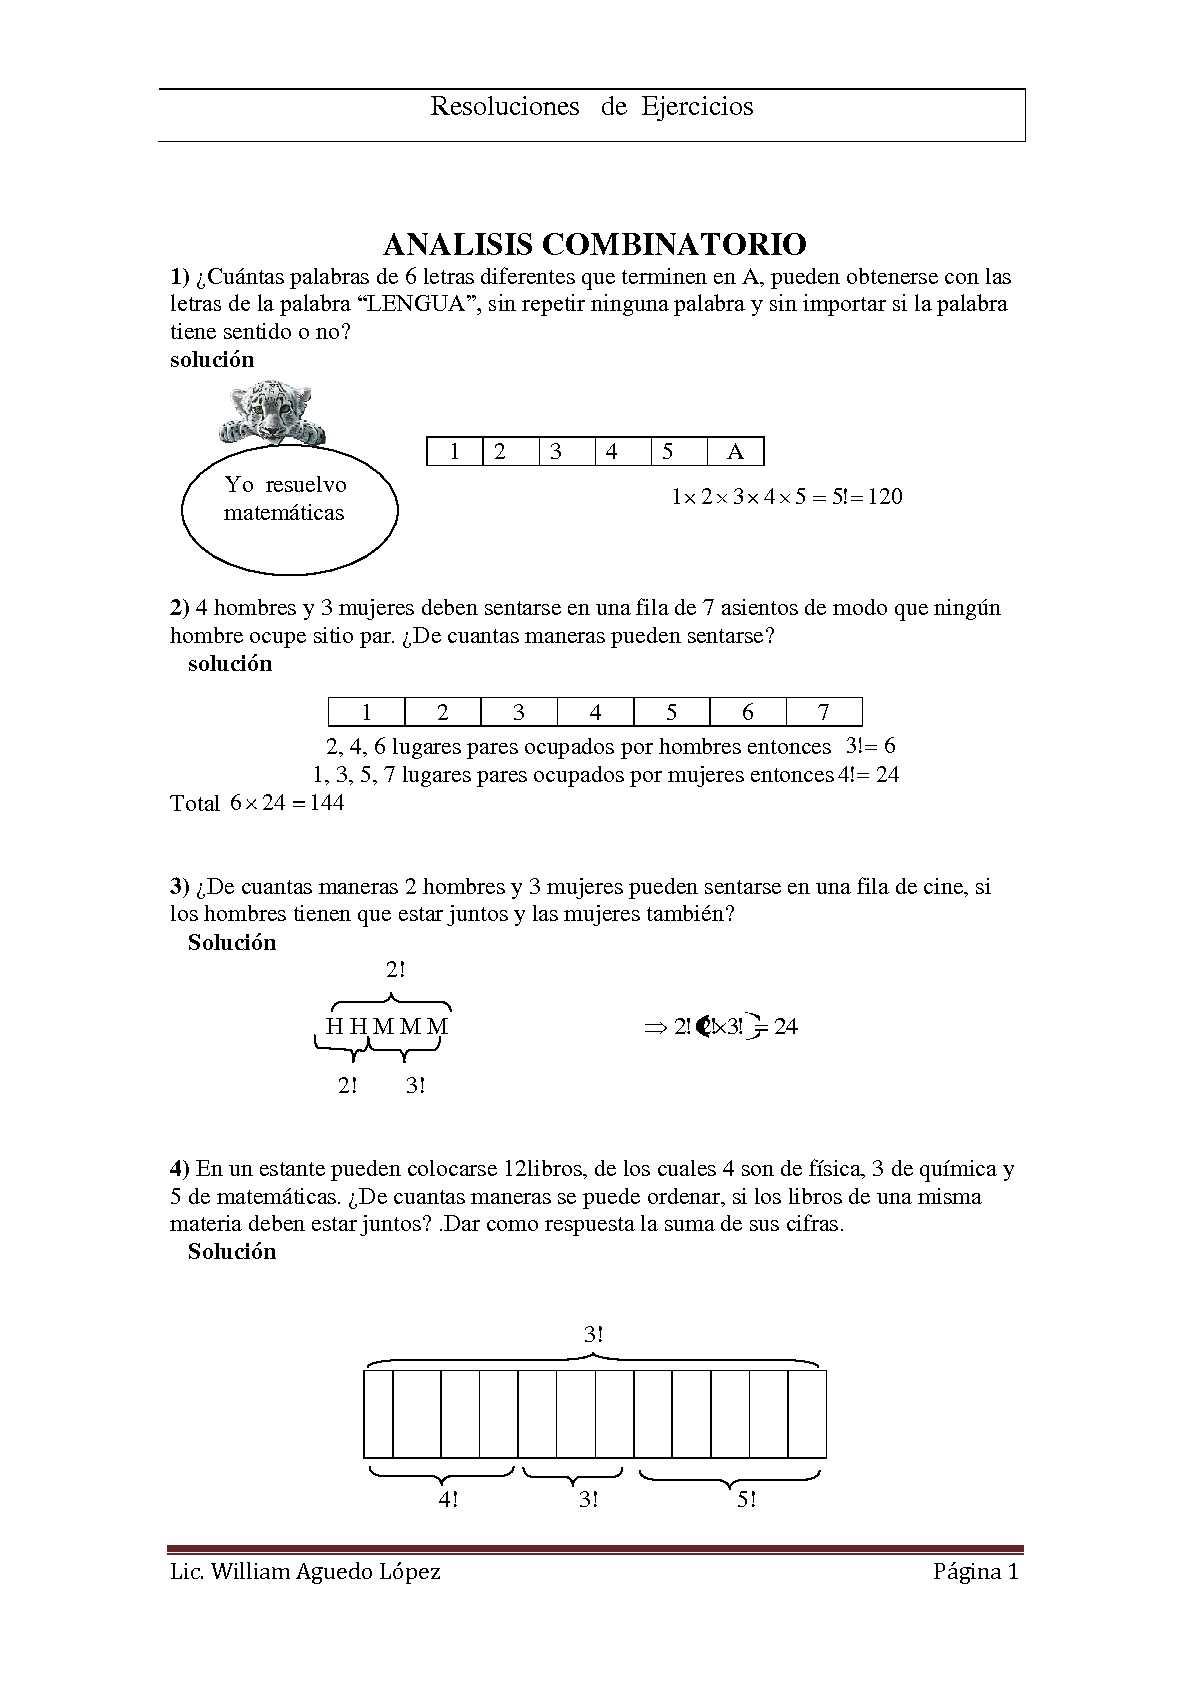 Cómo Sillas De Auto Grupo 2-3 Imagen De Silla Ideas